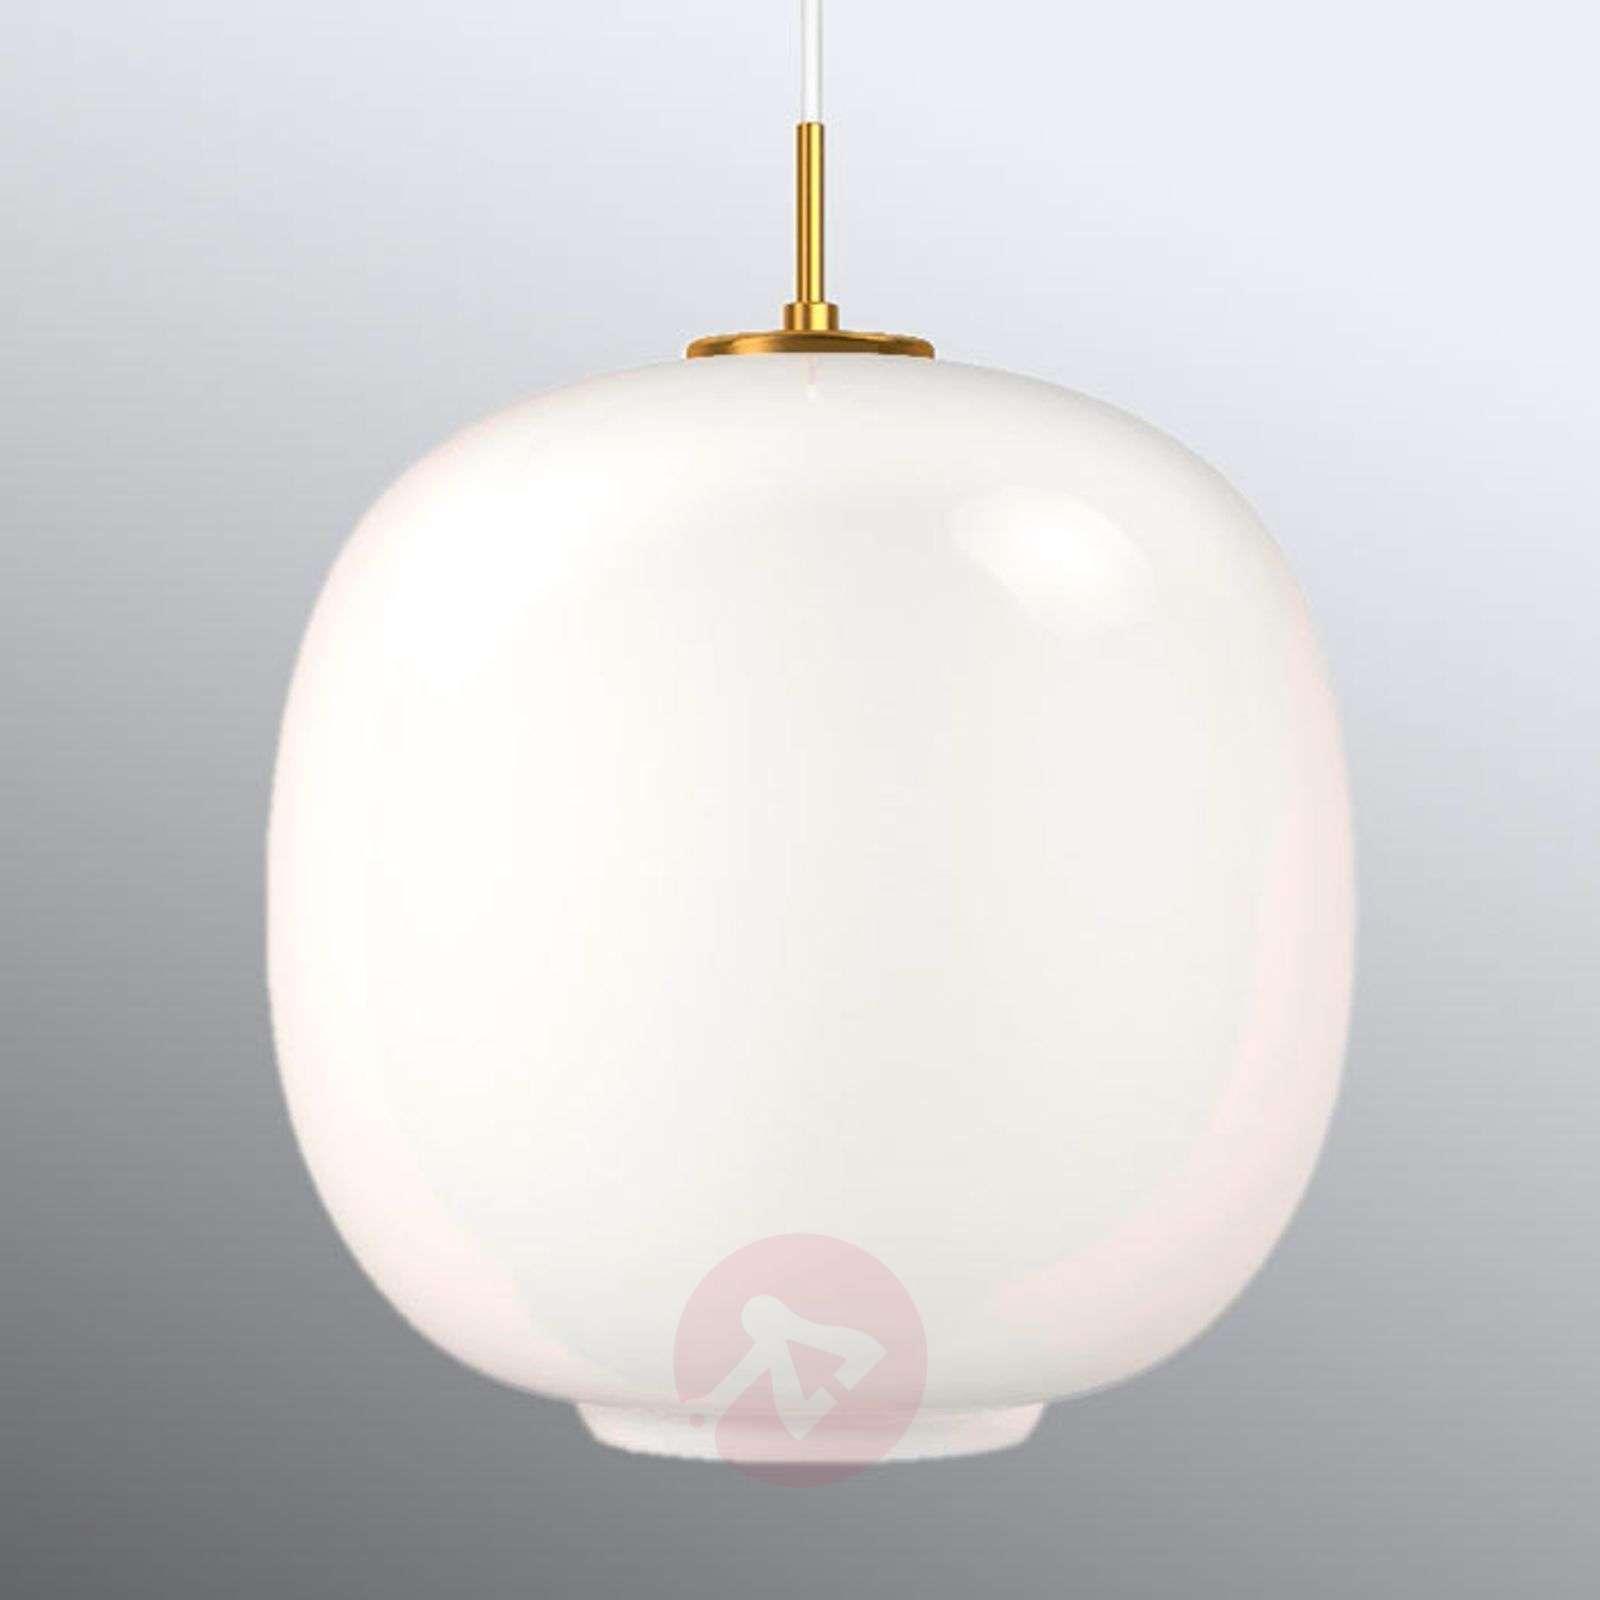 Louis Poulsen VL45 Radiohus hanging lamp 37 cm-6090062-01